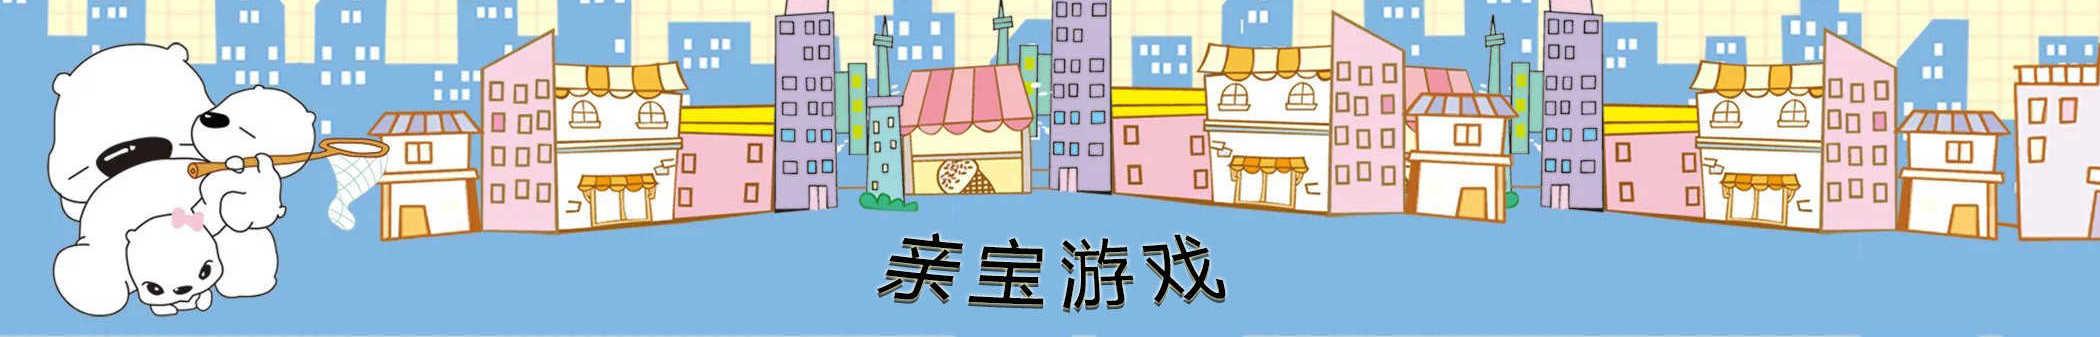 天泣游戏 banner